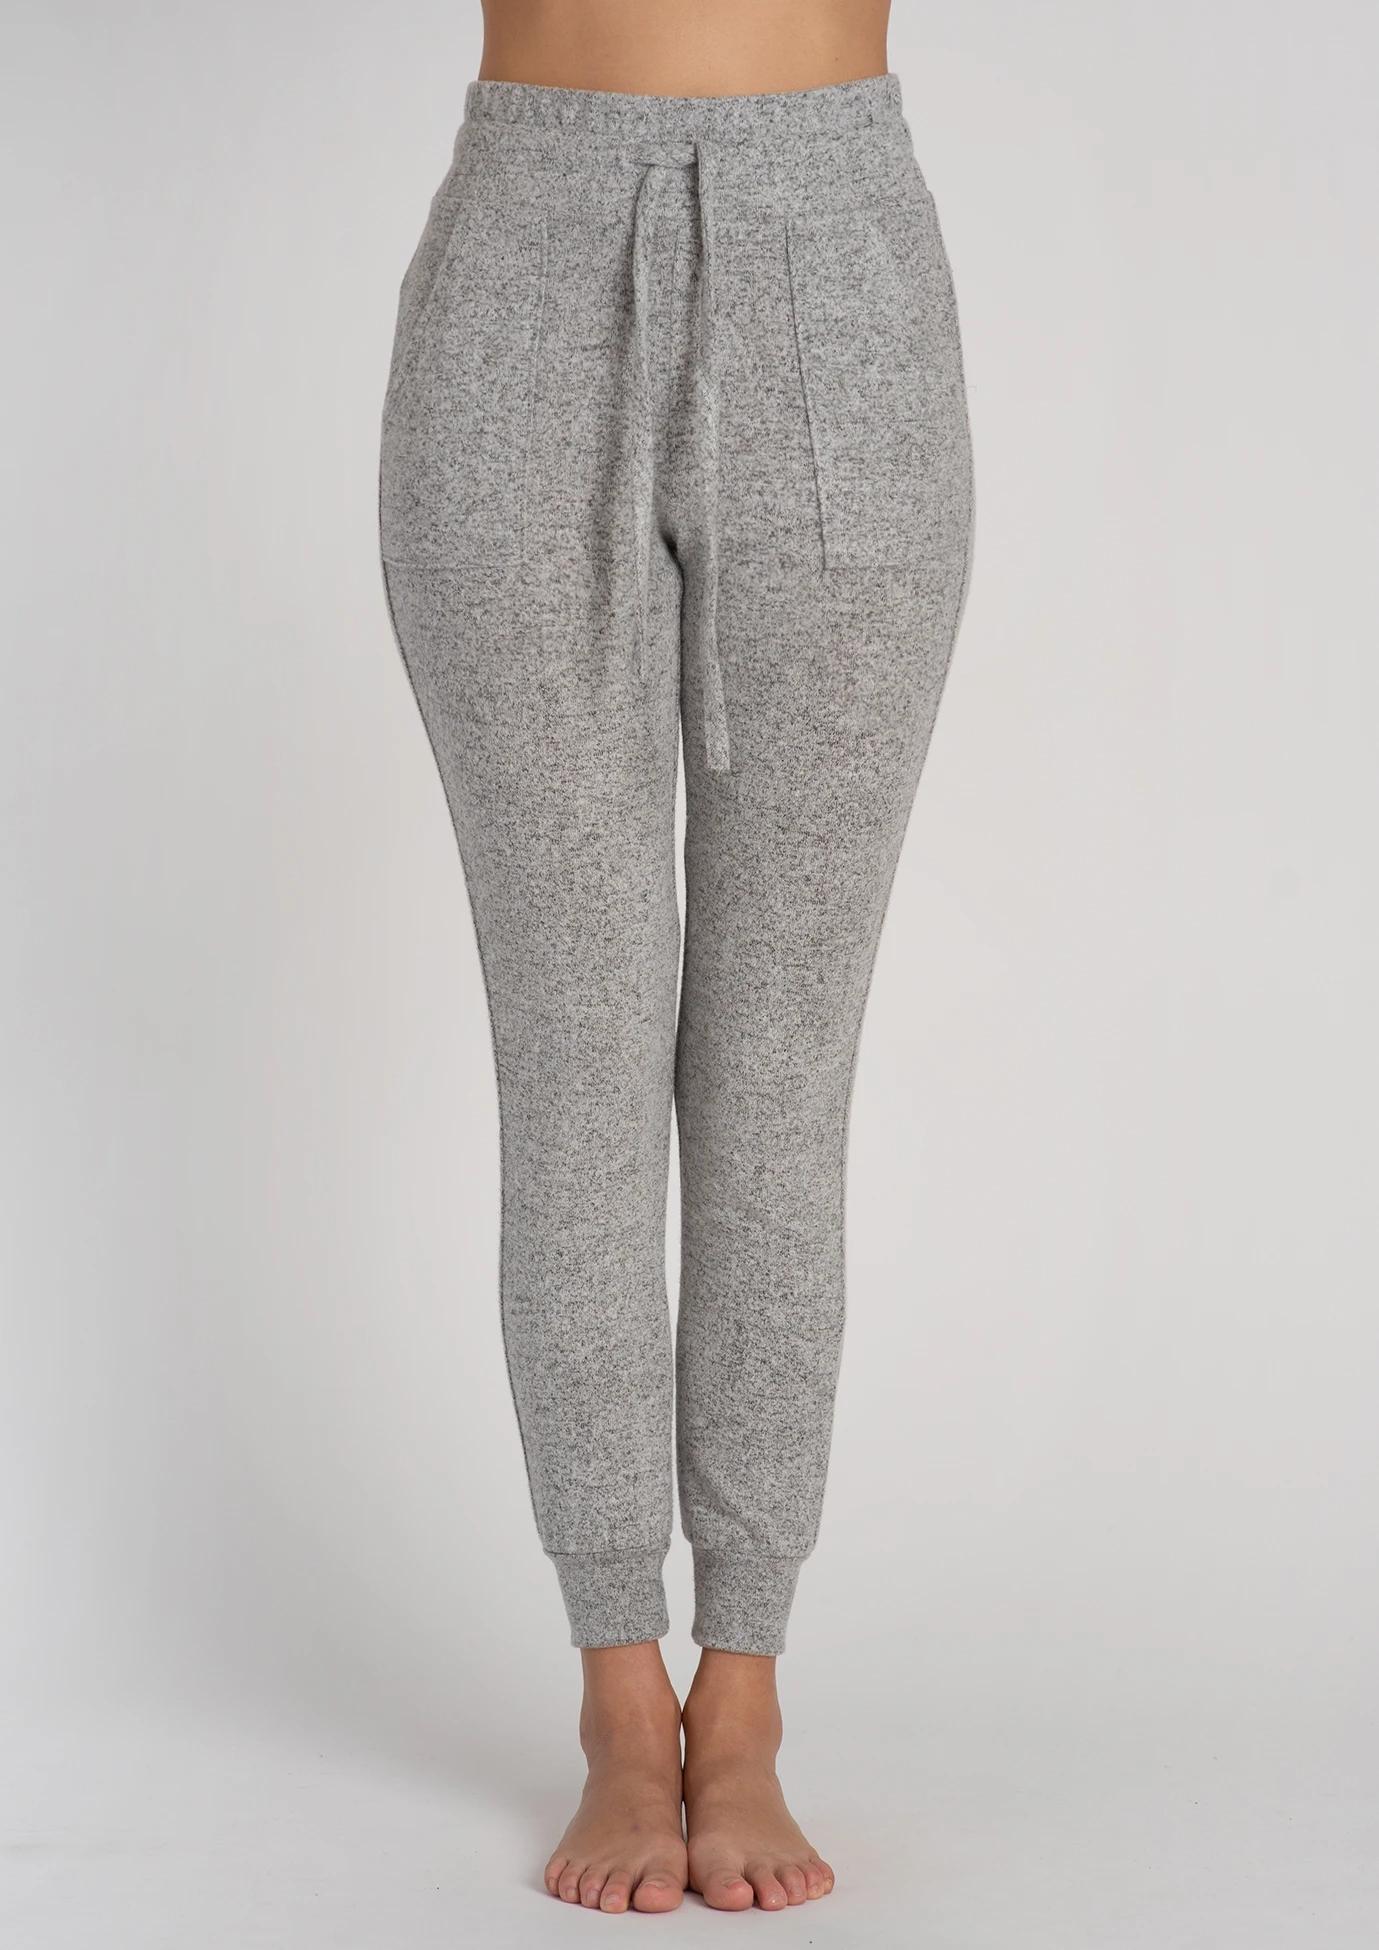 【一抹嘴儿】全球购Jalaclothing 超软拉绒平纹慢跑裤瑜伽运动裤